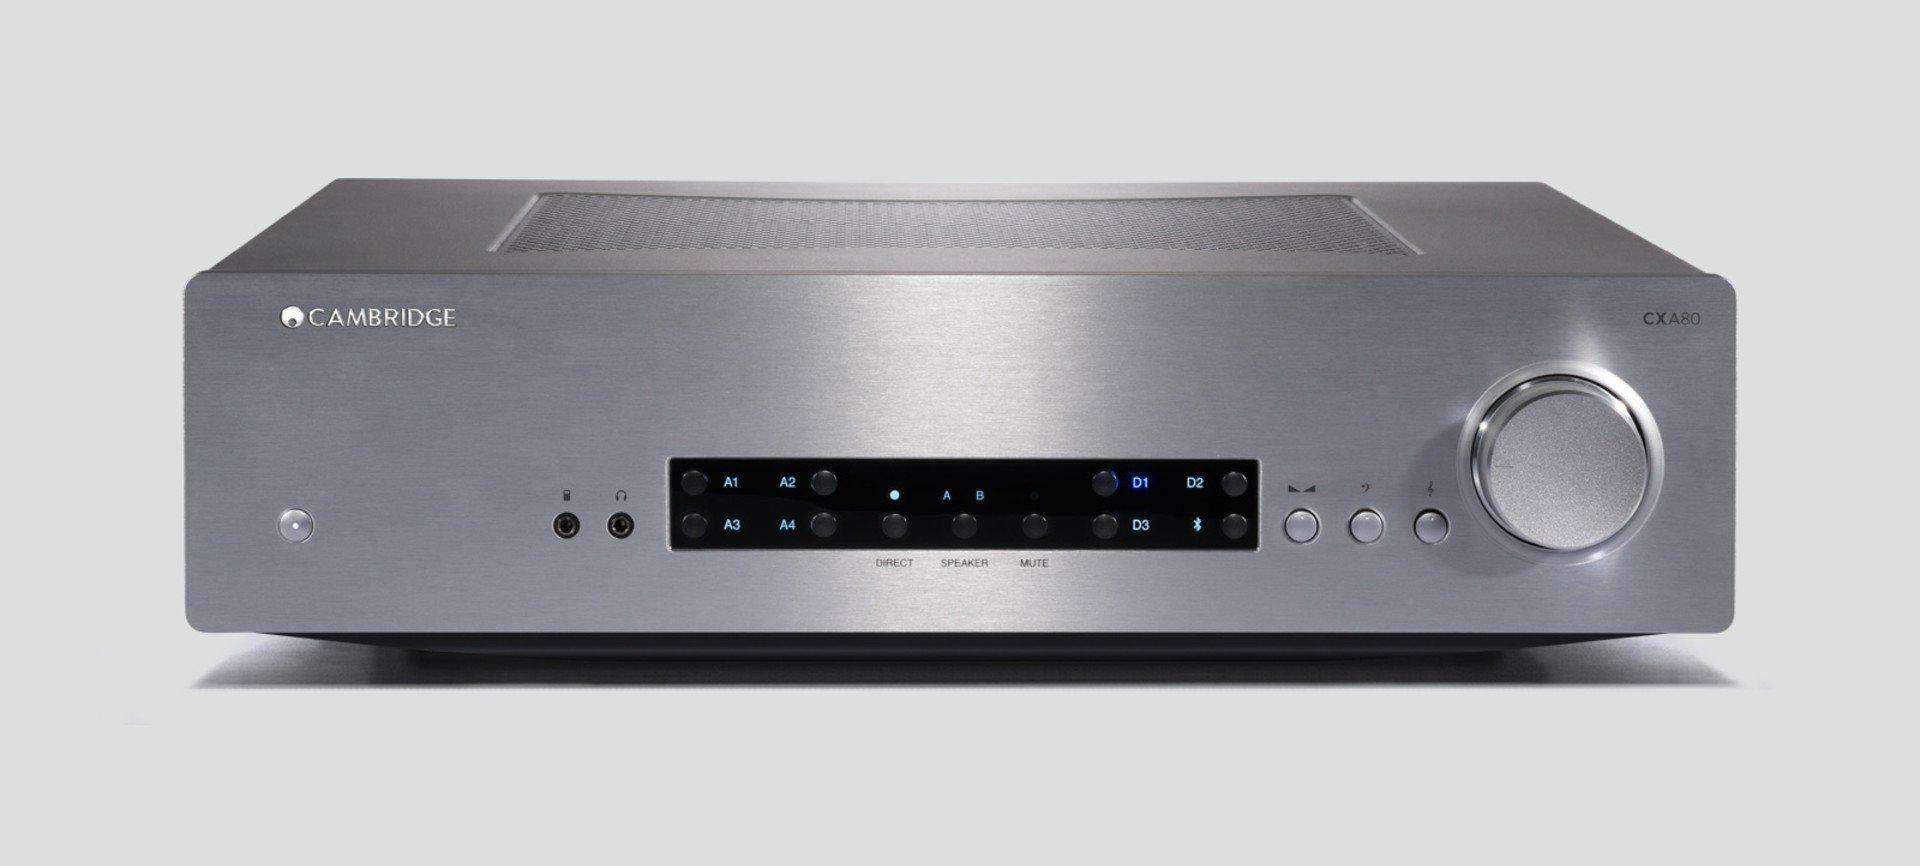 CXA80